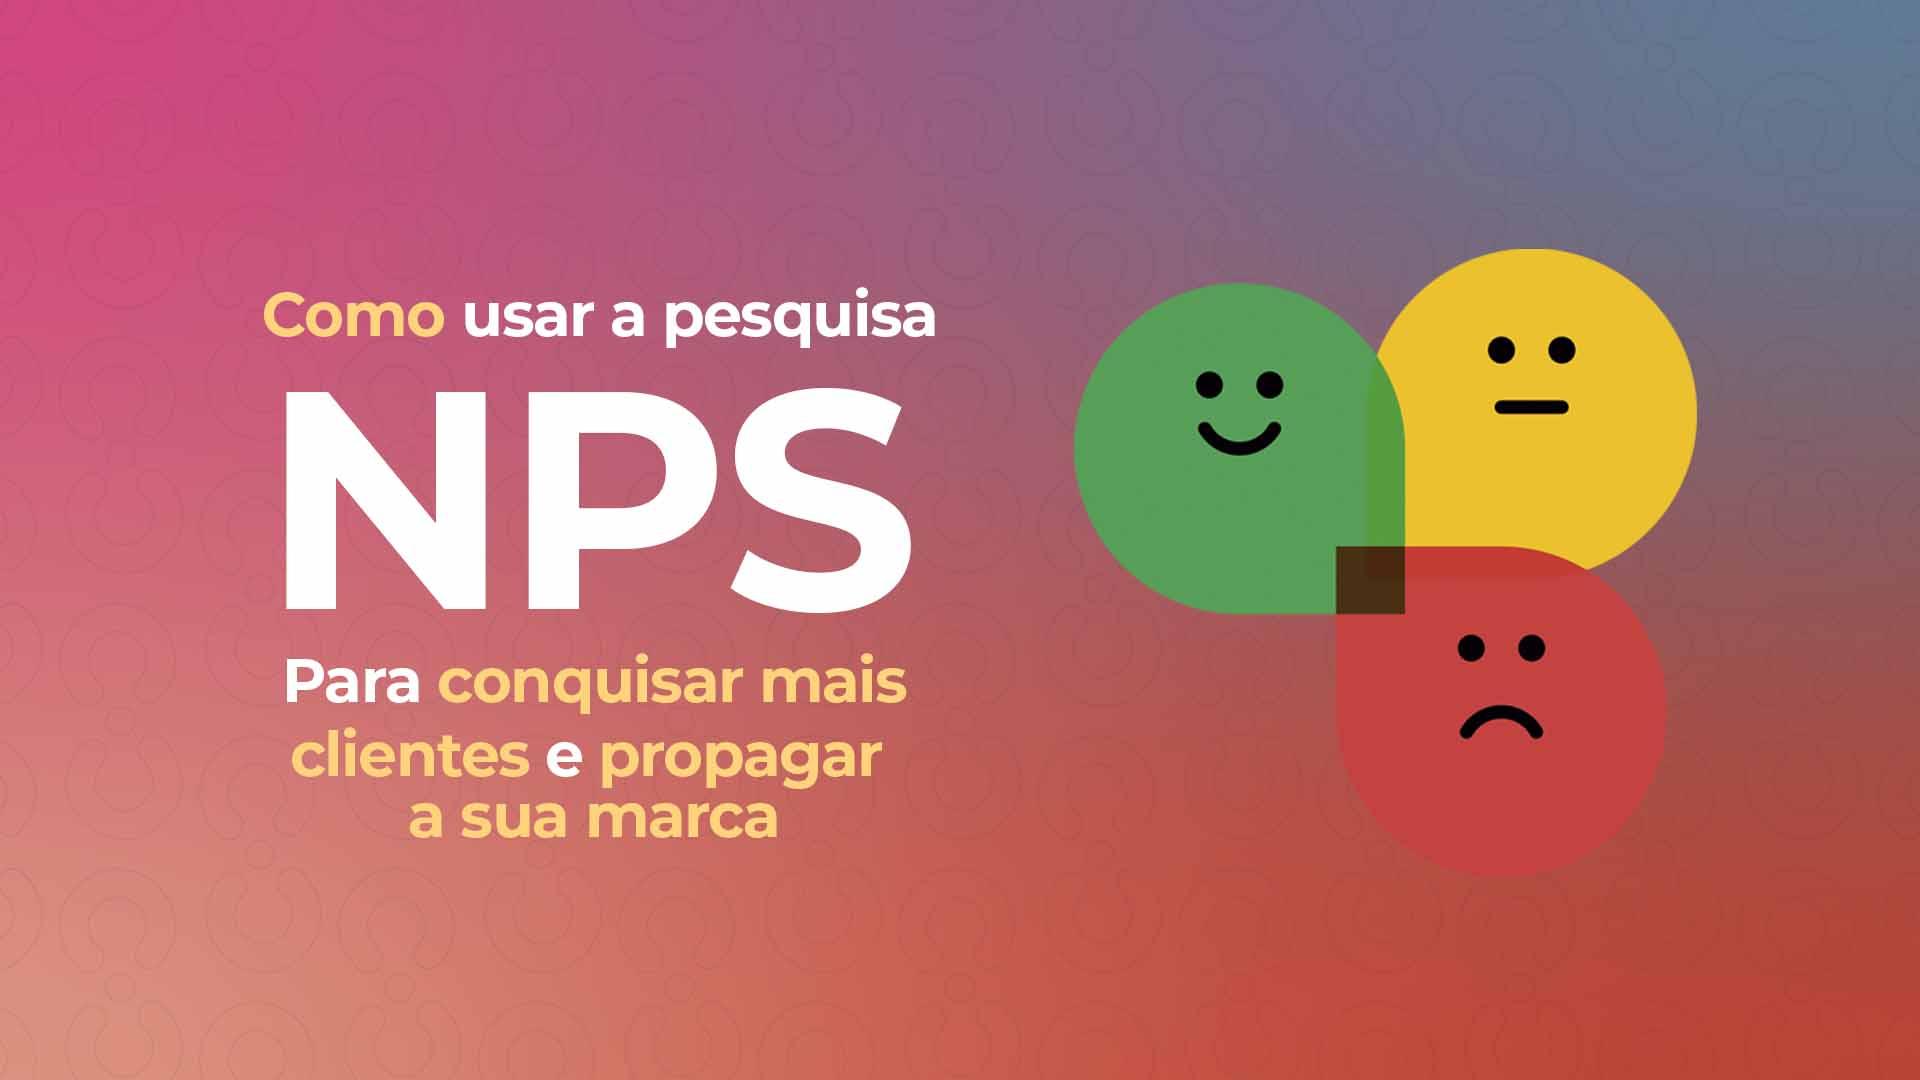 Como usar a pesquisa NPS para conquistar mais clientes e propagar a sua marca